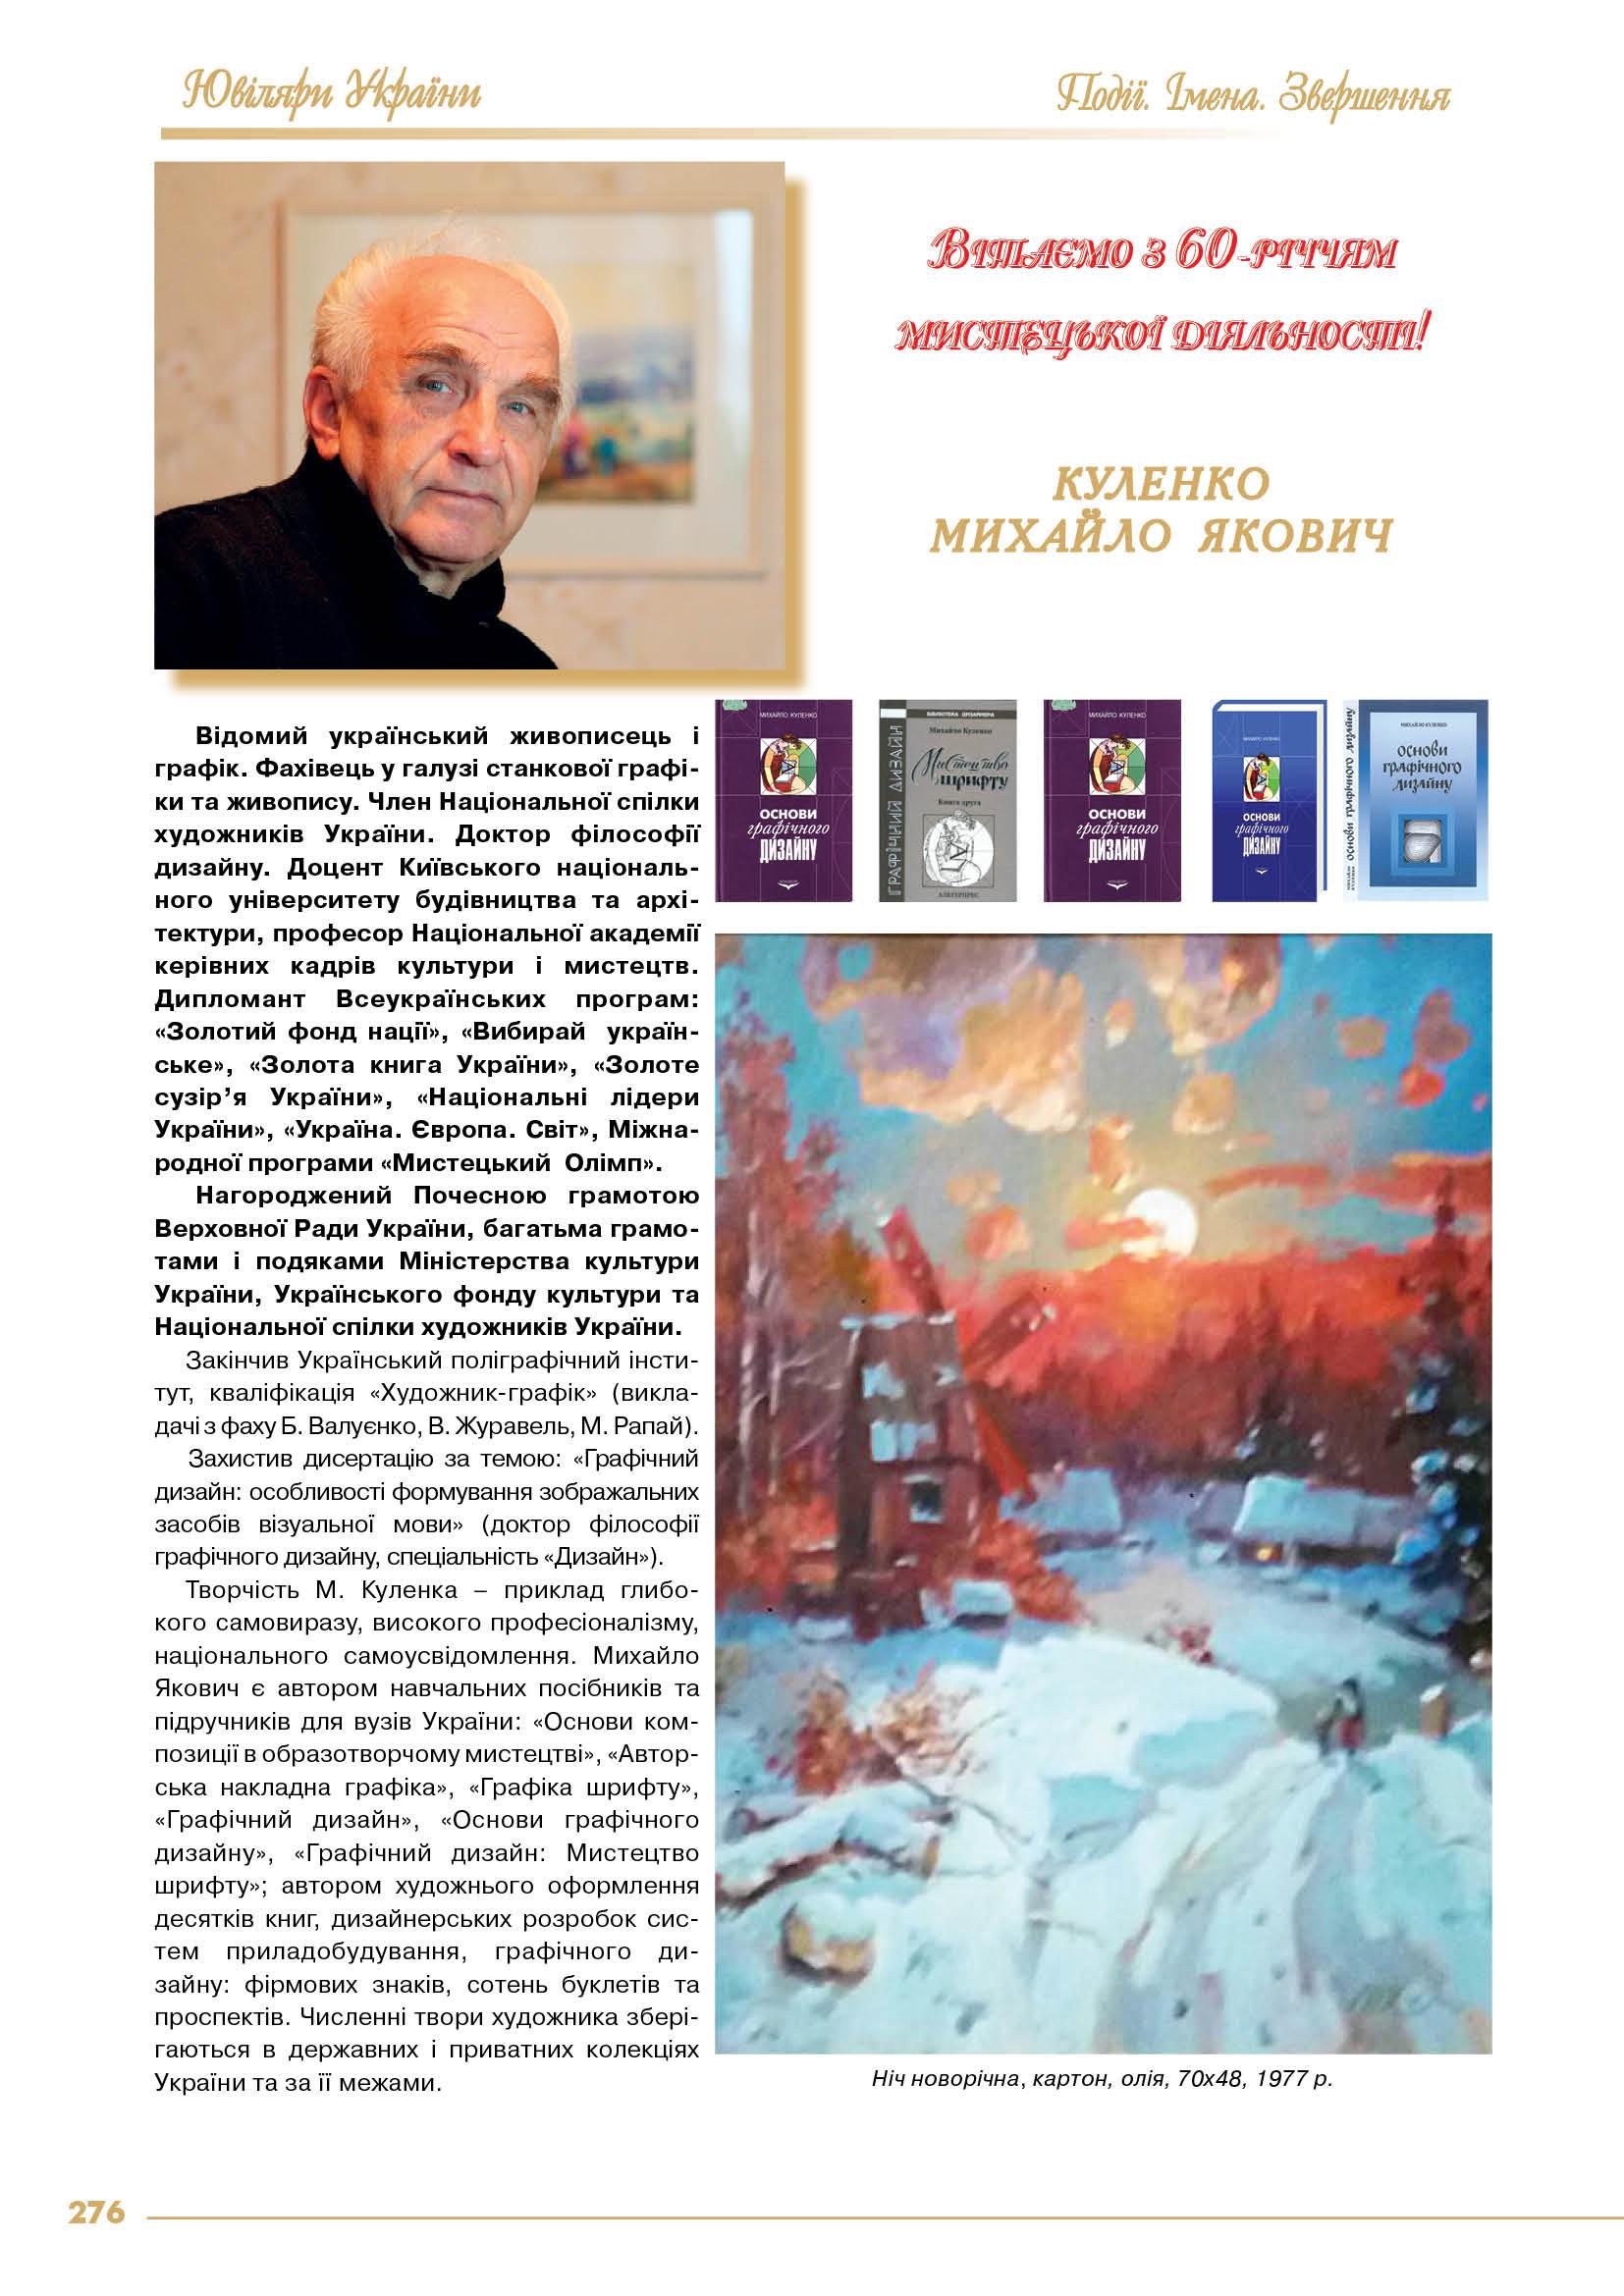 Куленко Михайло Якович